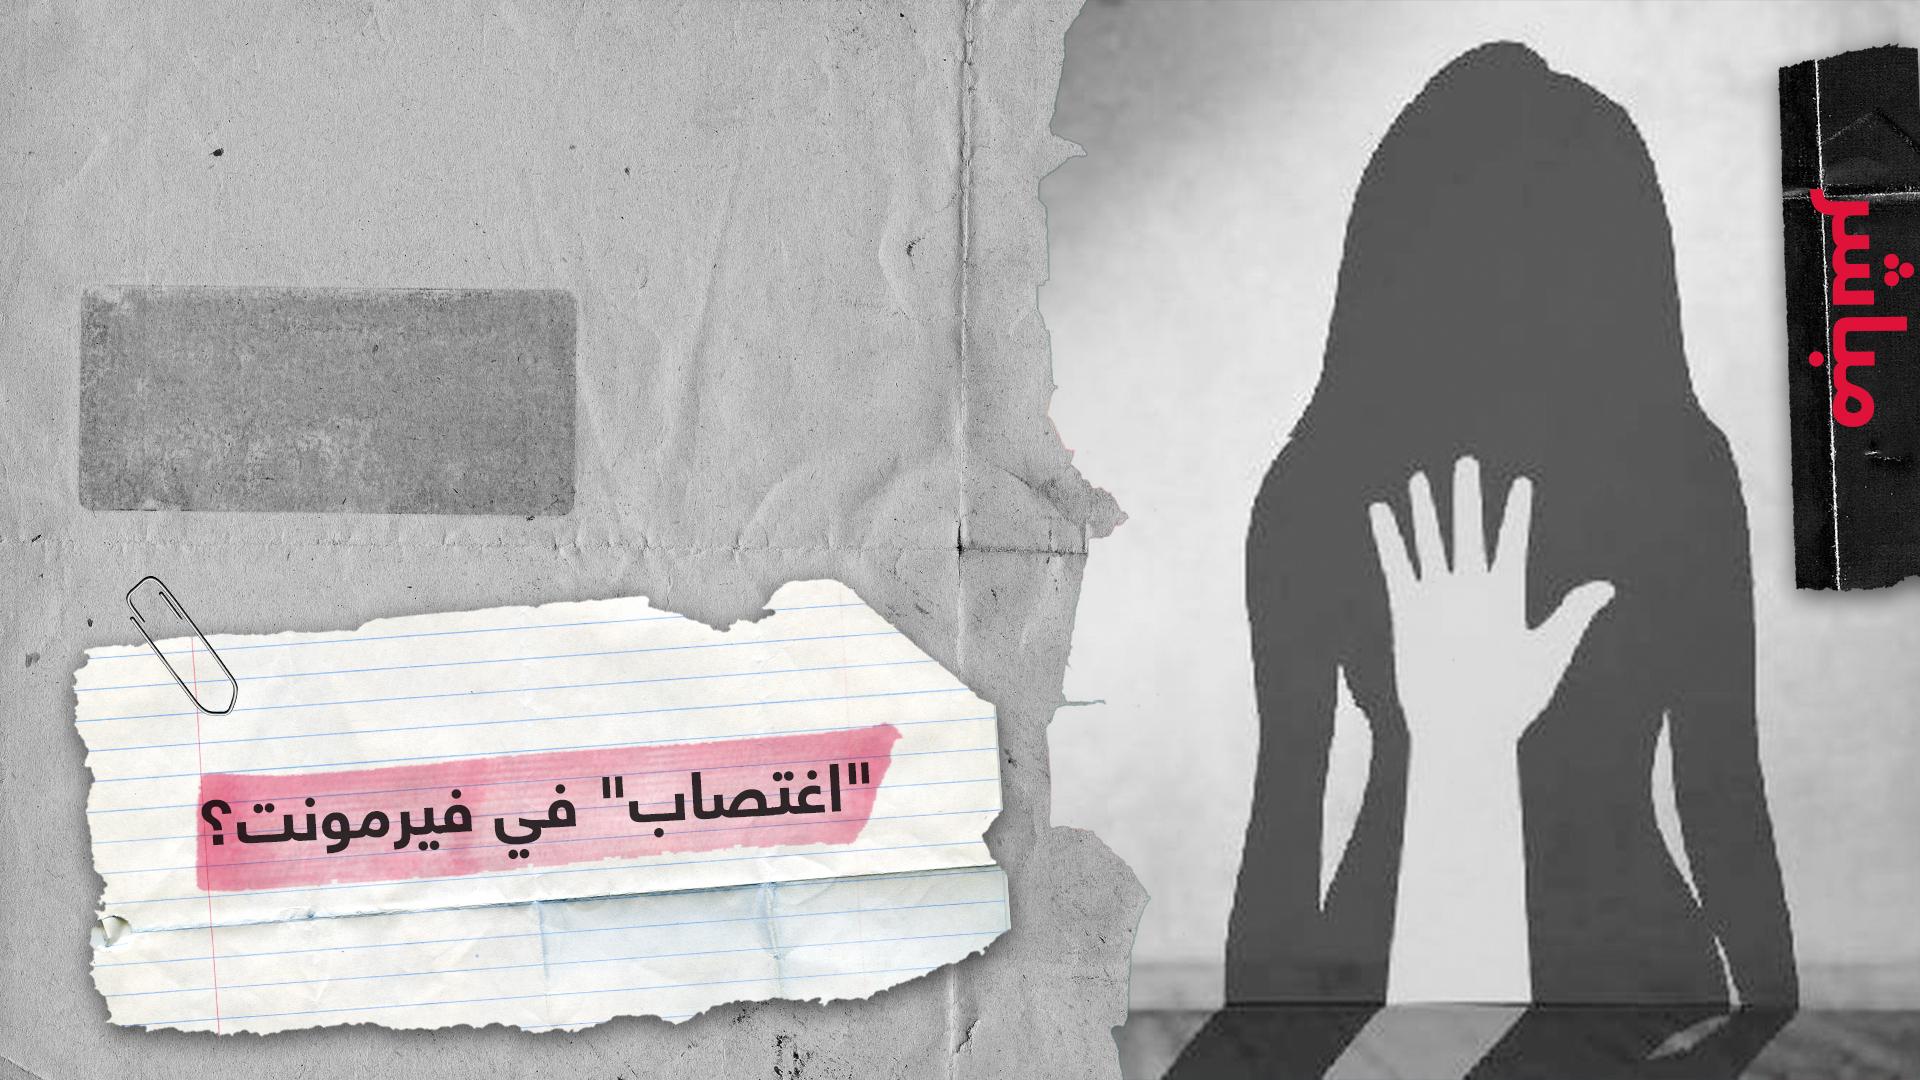 """""""جريمة فيرمونت"""" تتصدر قوائم """"الترند"""" في مصر وحملات على مواقع التواصل لكشف تفاصيل الواقعة"""